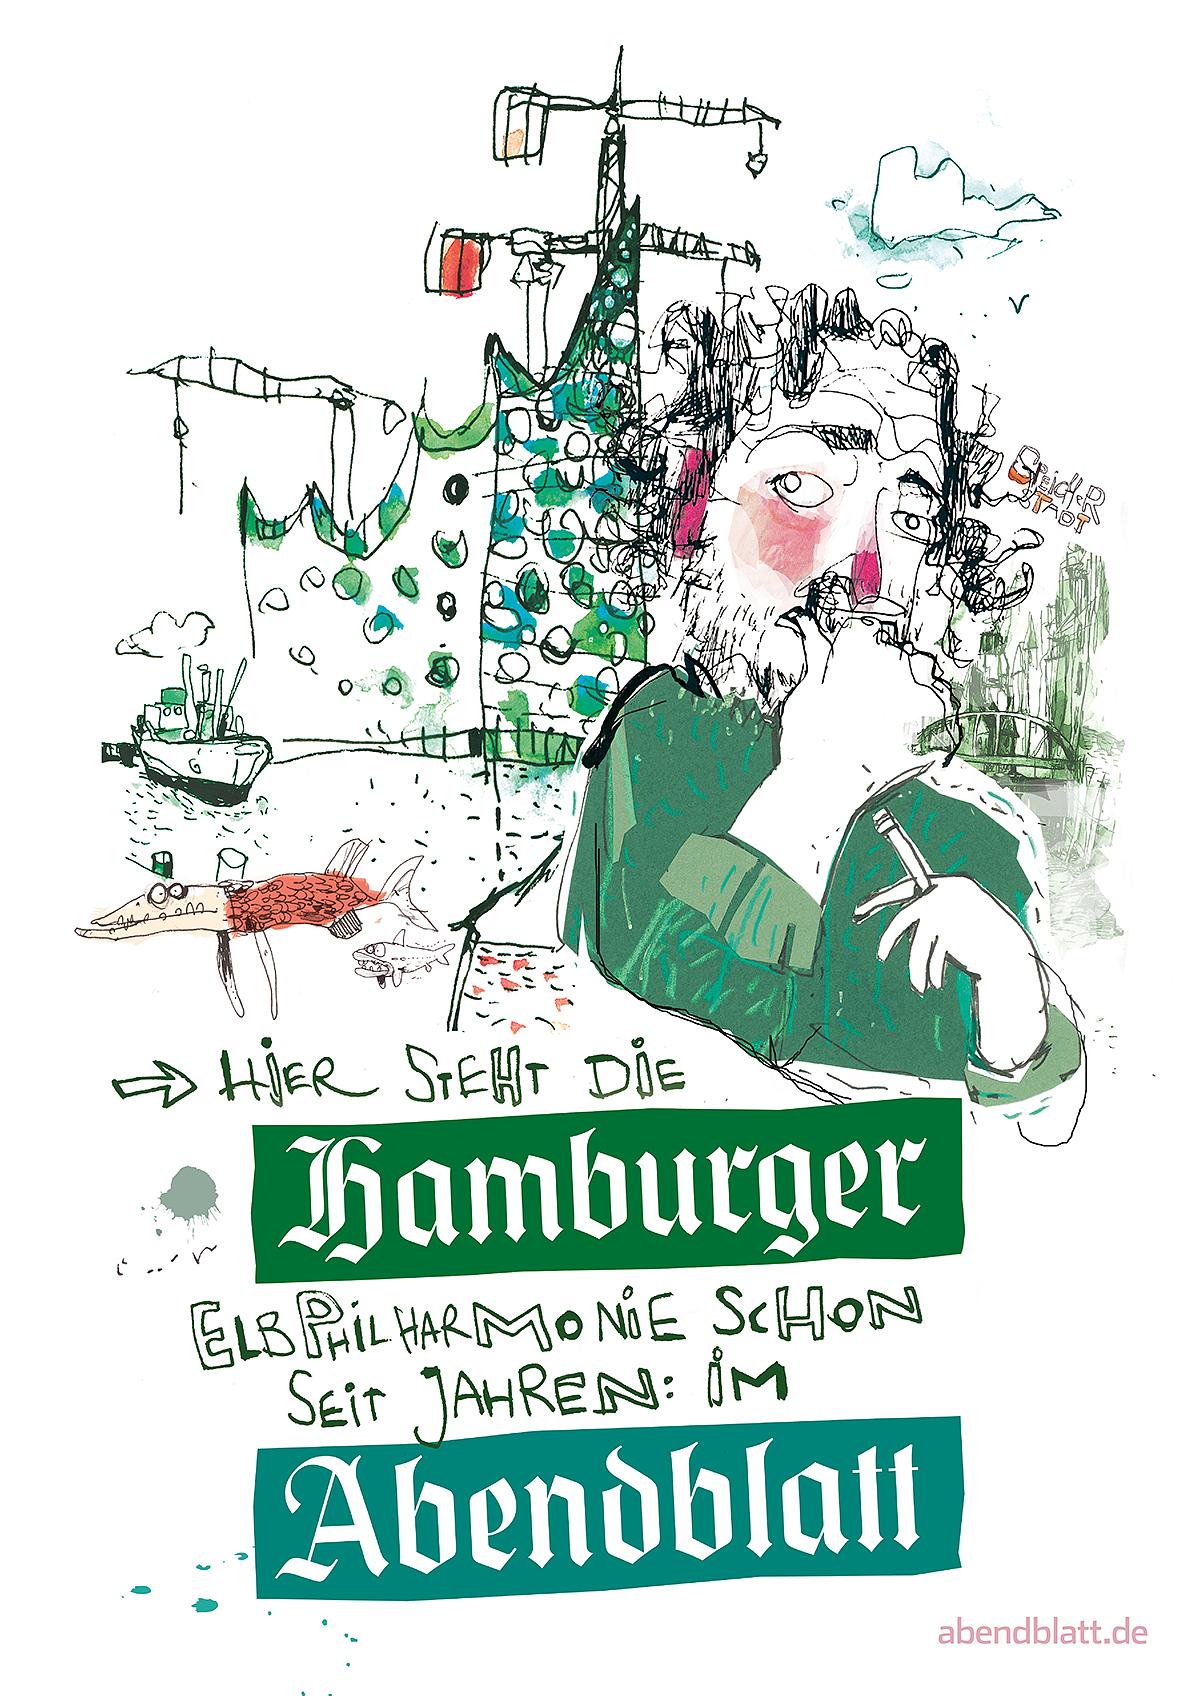 Kreuzworträtsel Online Kostenlos Hamburger Abendblatt